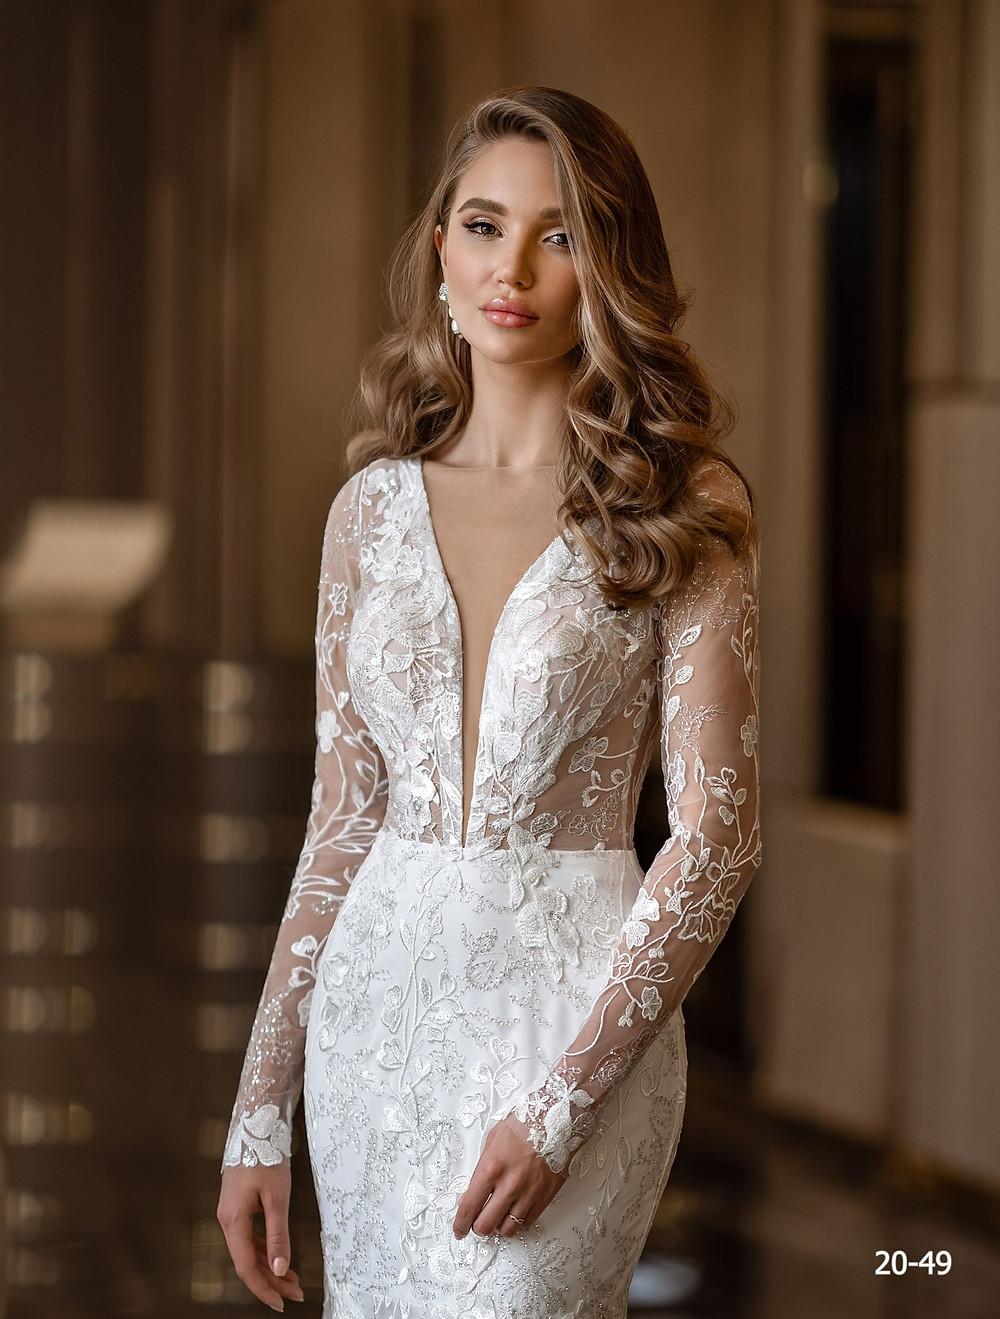 rochii de mireasa dantela, rochii de mireasa ieftine, rochii de mireasa ieftine bucuresti